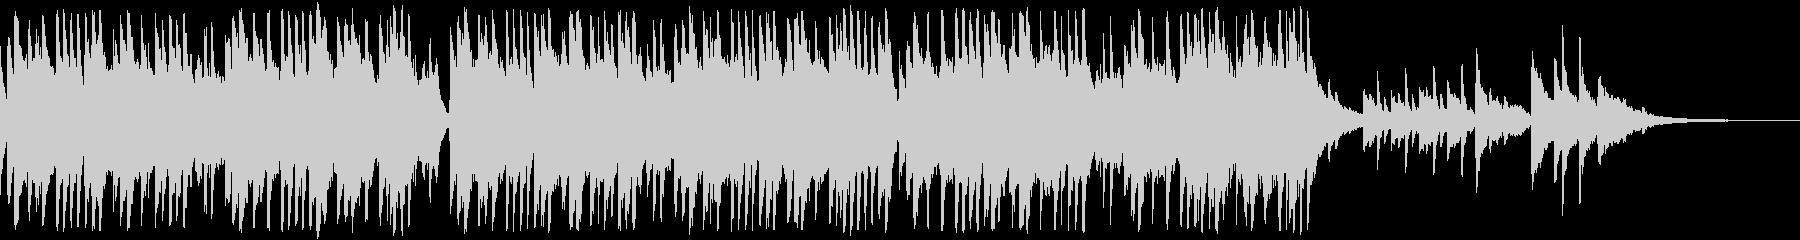 感動的な琴とストリングスの和風バラードaの未再生の波形